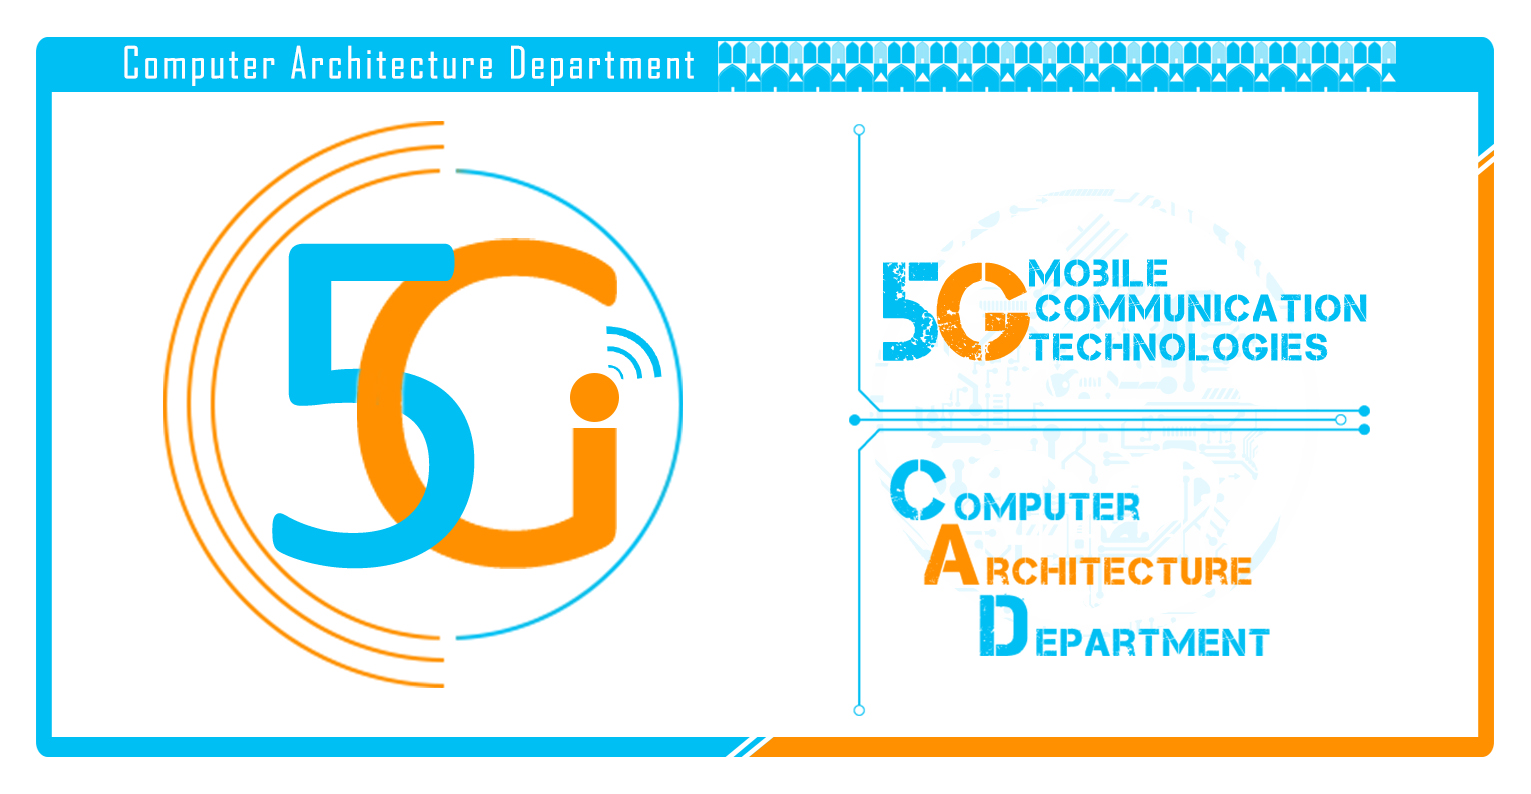 آزمایشگاه فناوریهای ارتباطات سلولی نسل پنجم